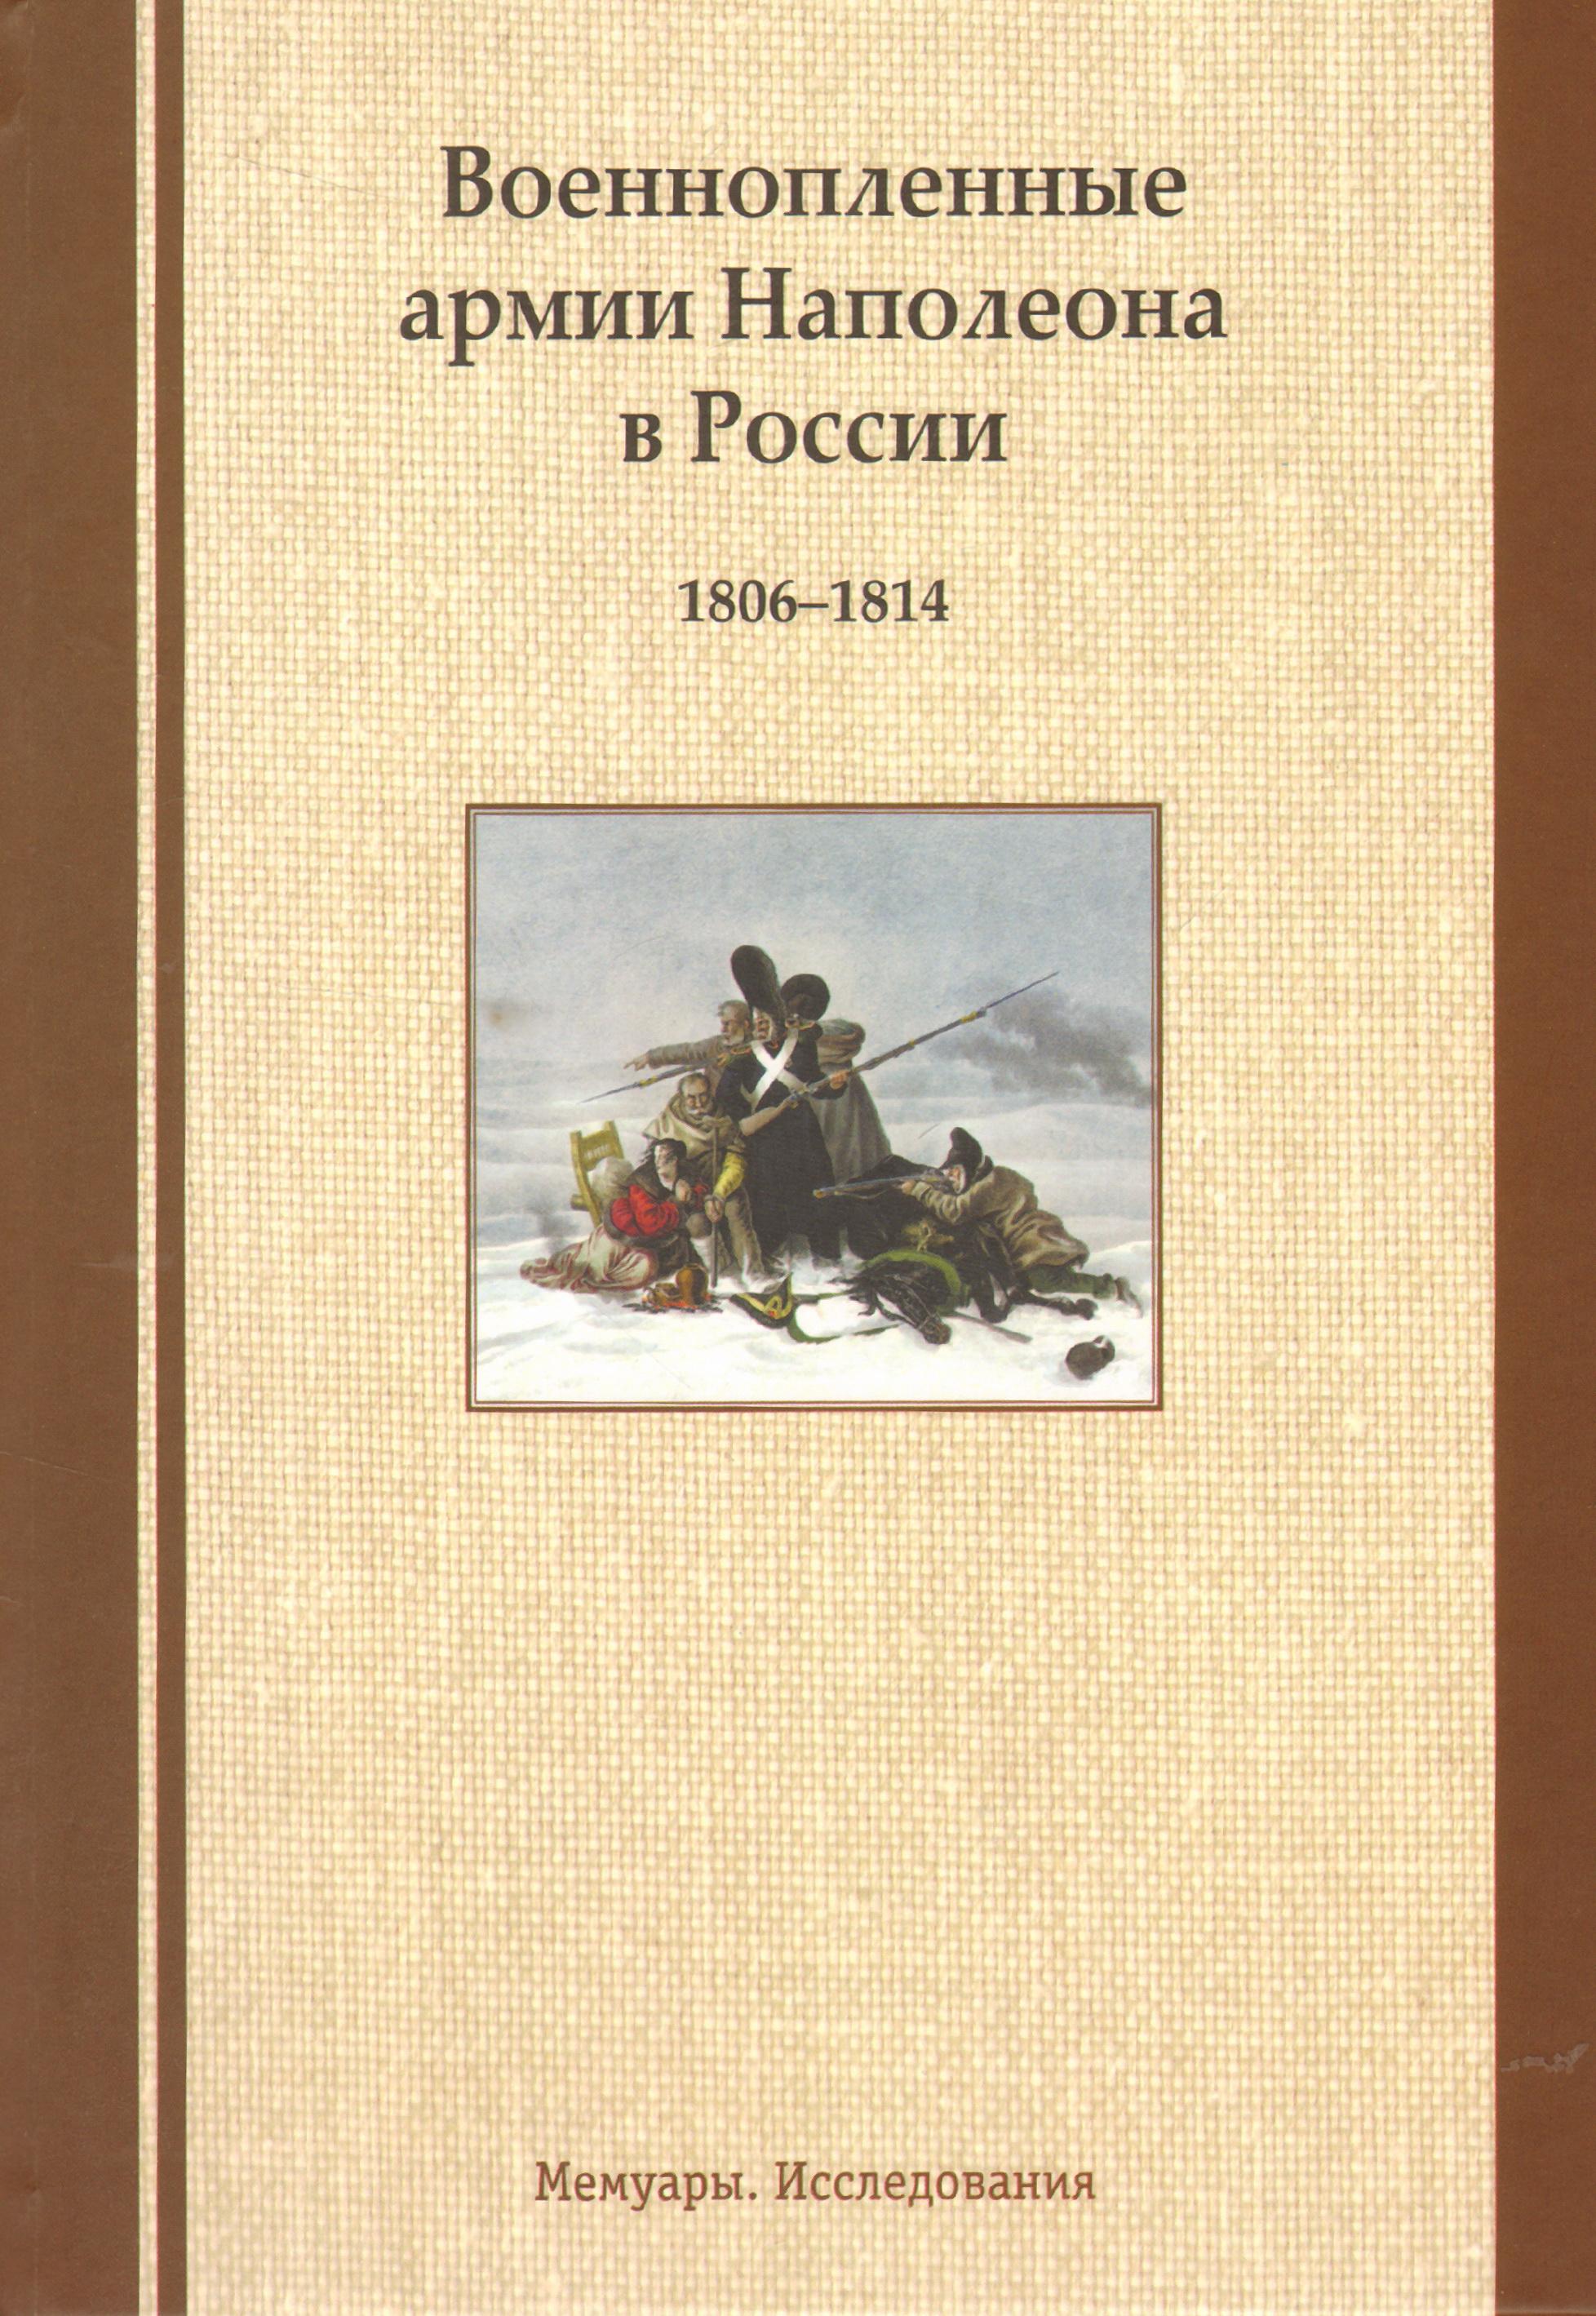 Военнопленные армии Наполеона в России 1806-1814.Мемуары.Исследования